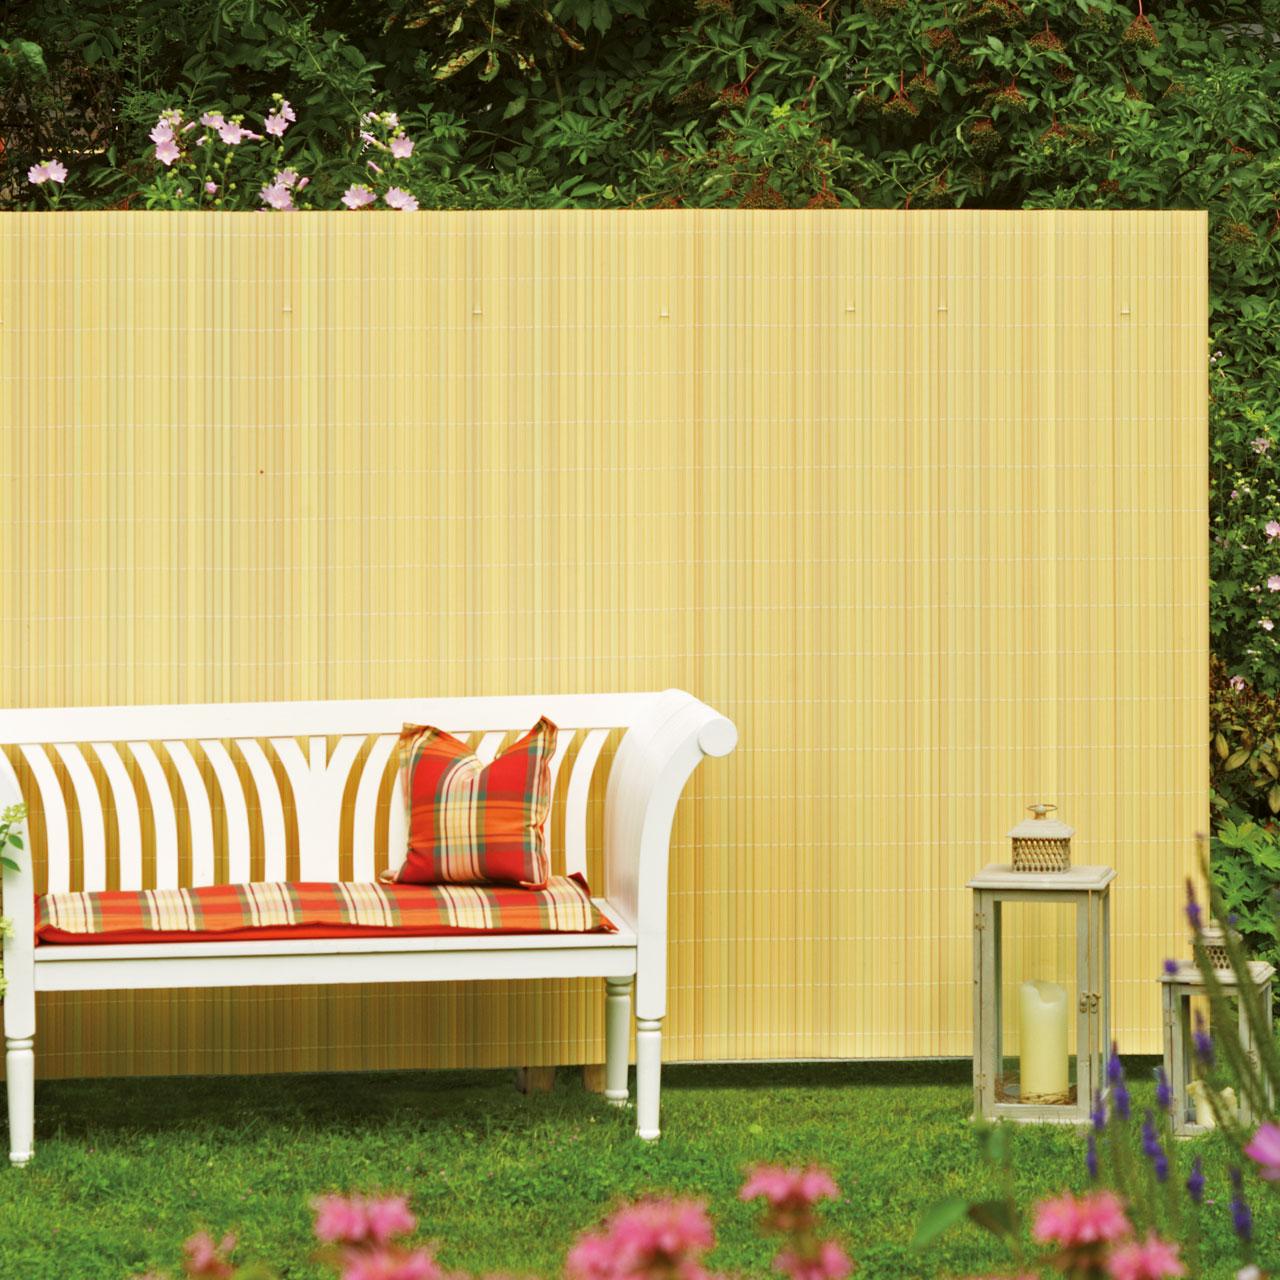 sichtschutzw nde kunststoff balkonabtrennung sichtschutzwand kunststoff sichtschutzw nde aus. Black Bedroom Furniture Sets. Home Design Ideas